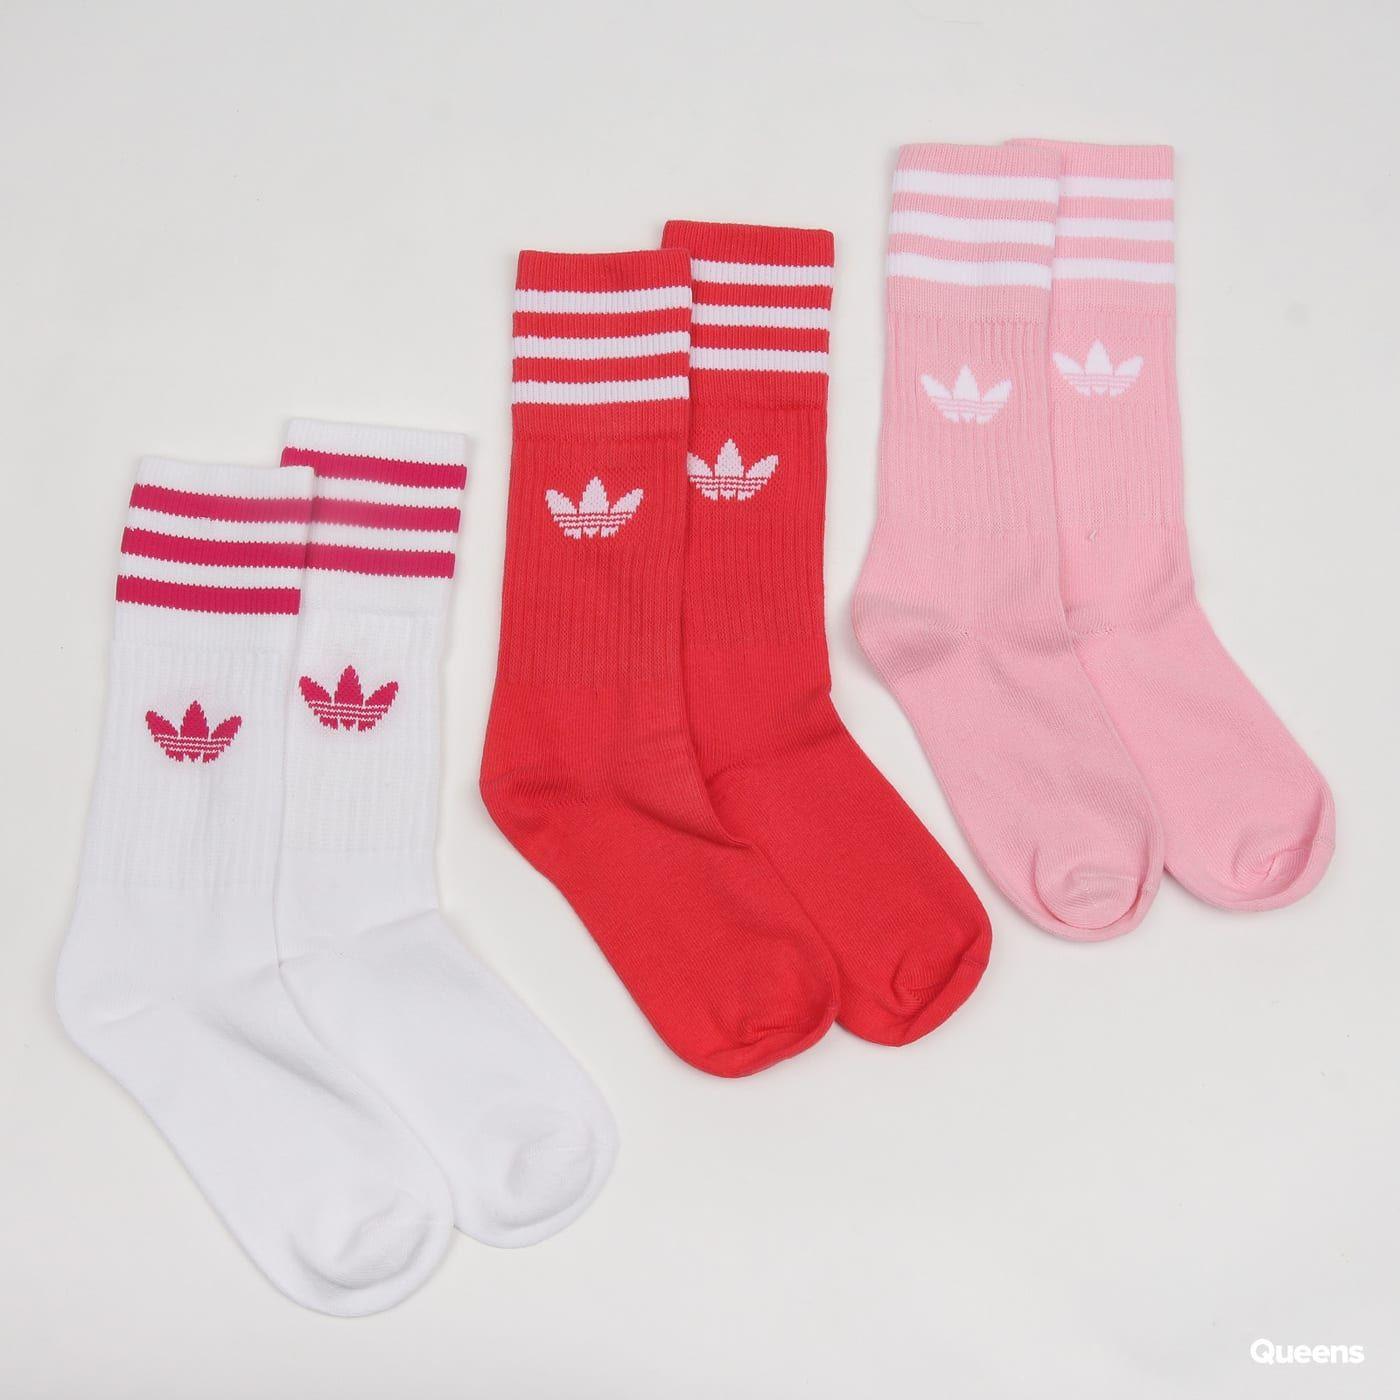 f8fc8ab02cd adidas Originals Solid Crew Sock biele / tmavoružové / ružové za 13 €:  Členkové ponožky